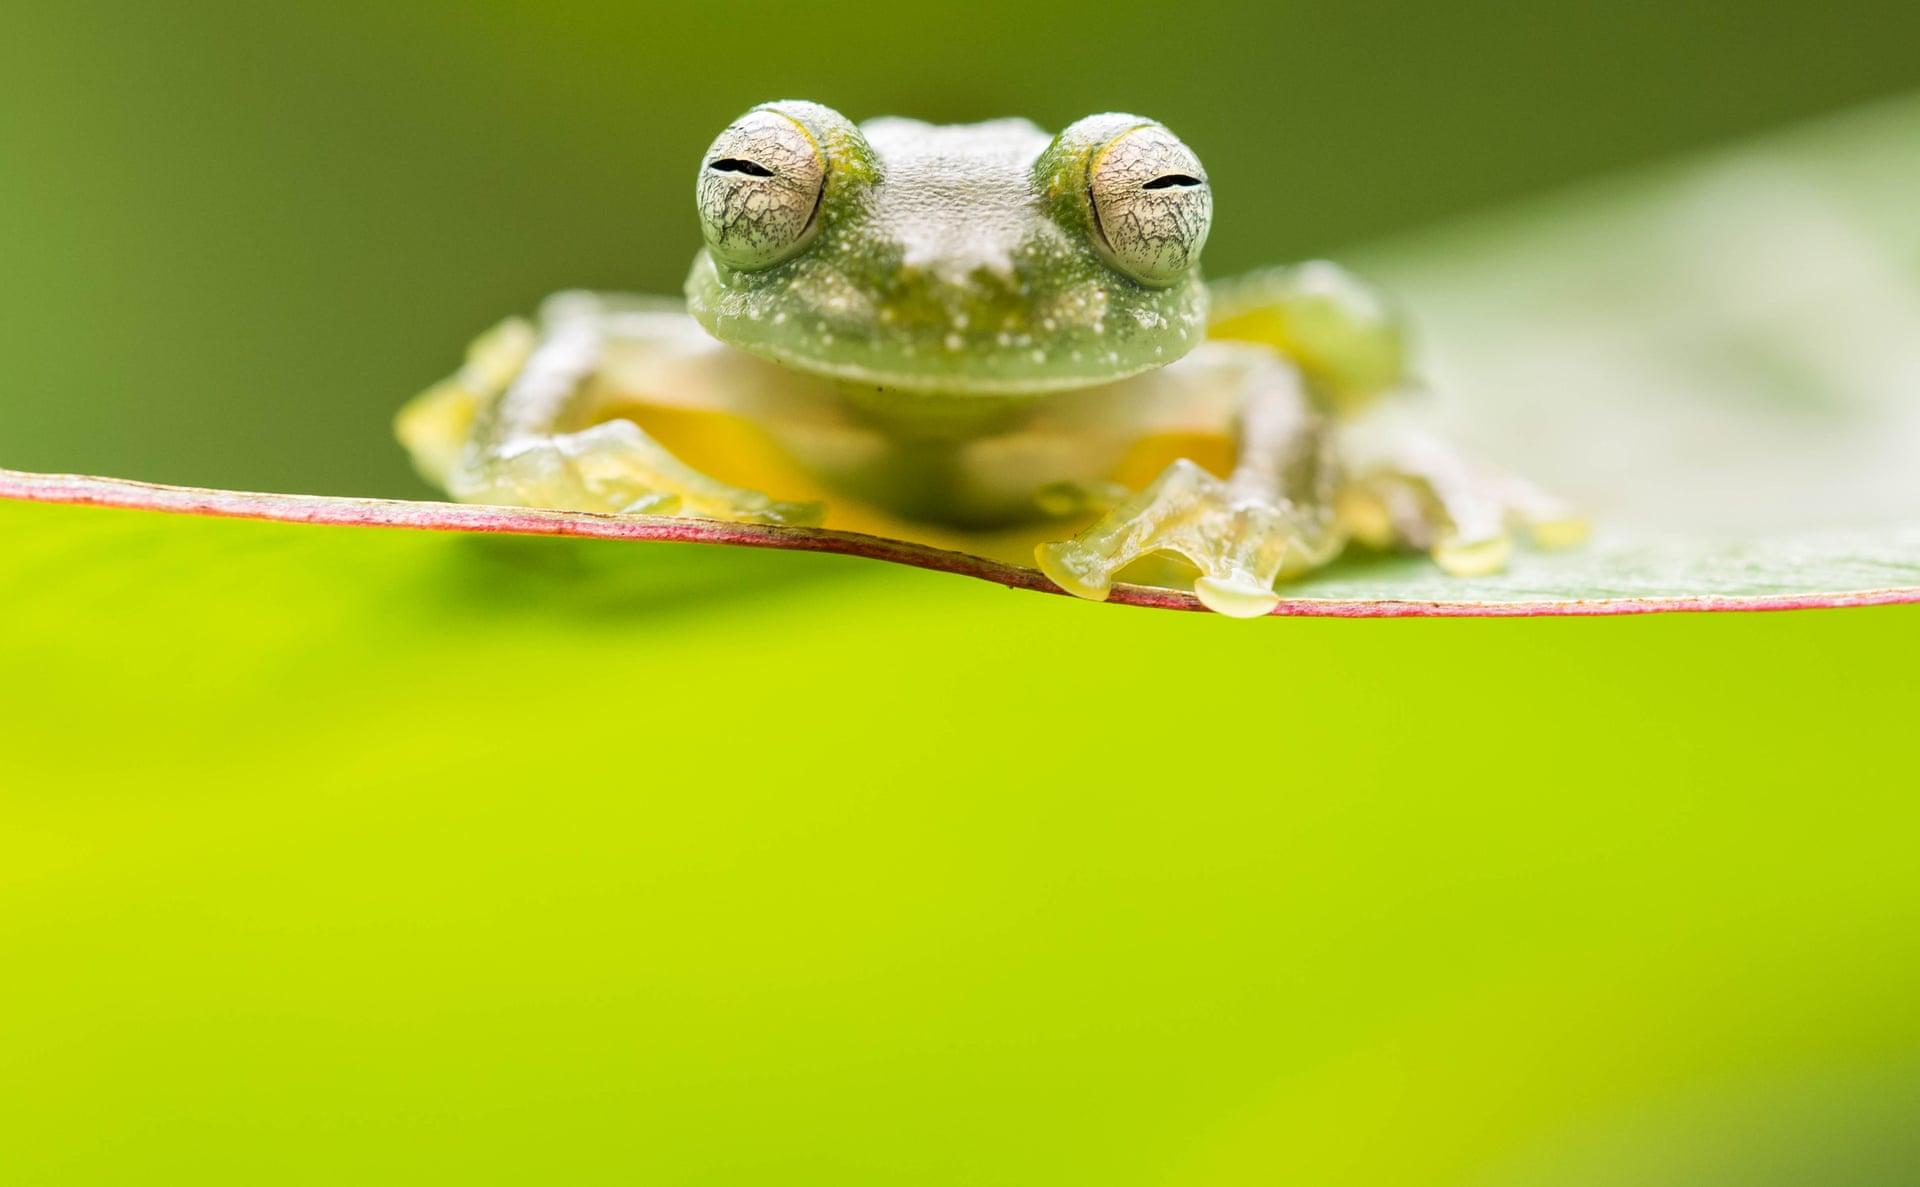 Эту крошечную стеклянную лягушку автор снимка увидел, когда изучал вКоста-Рике герпетофауну.